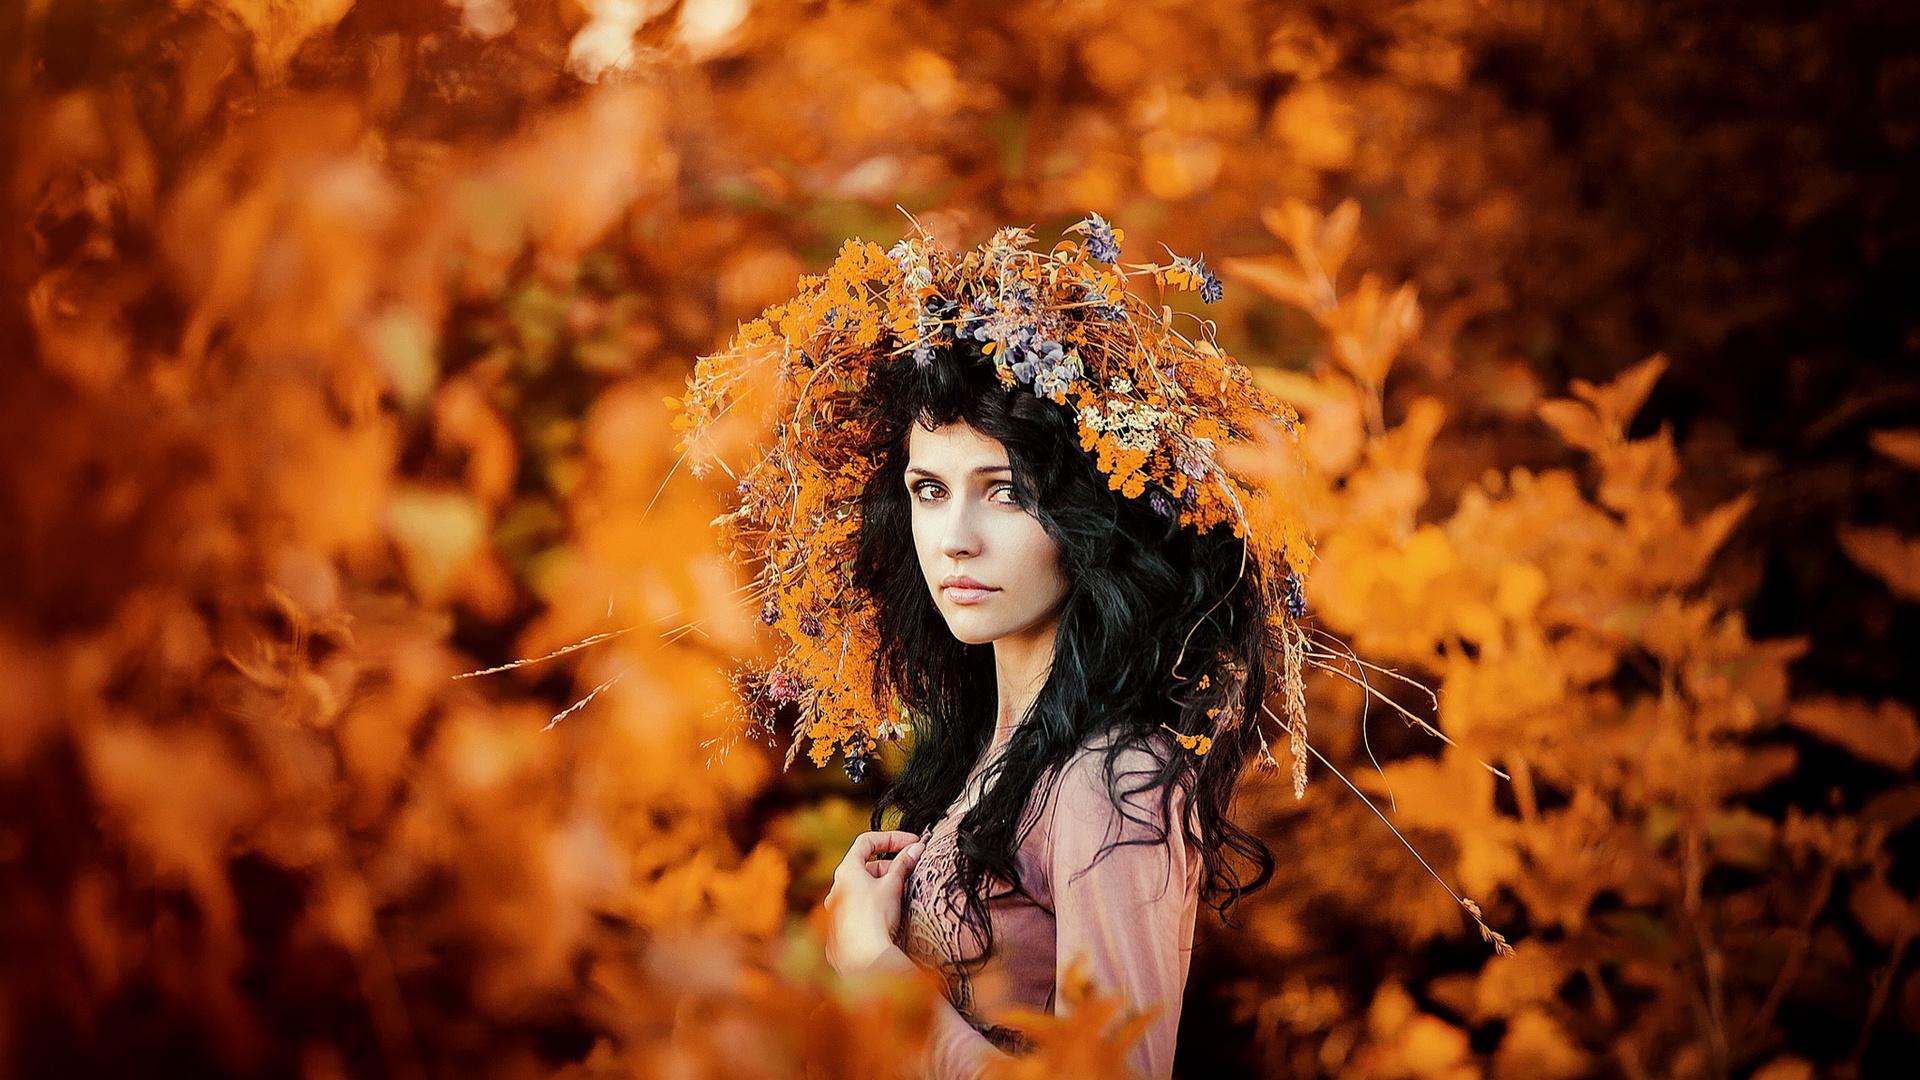 Фасадах, картинки прикольная девушка осень